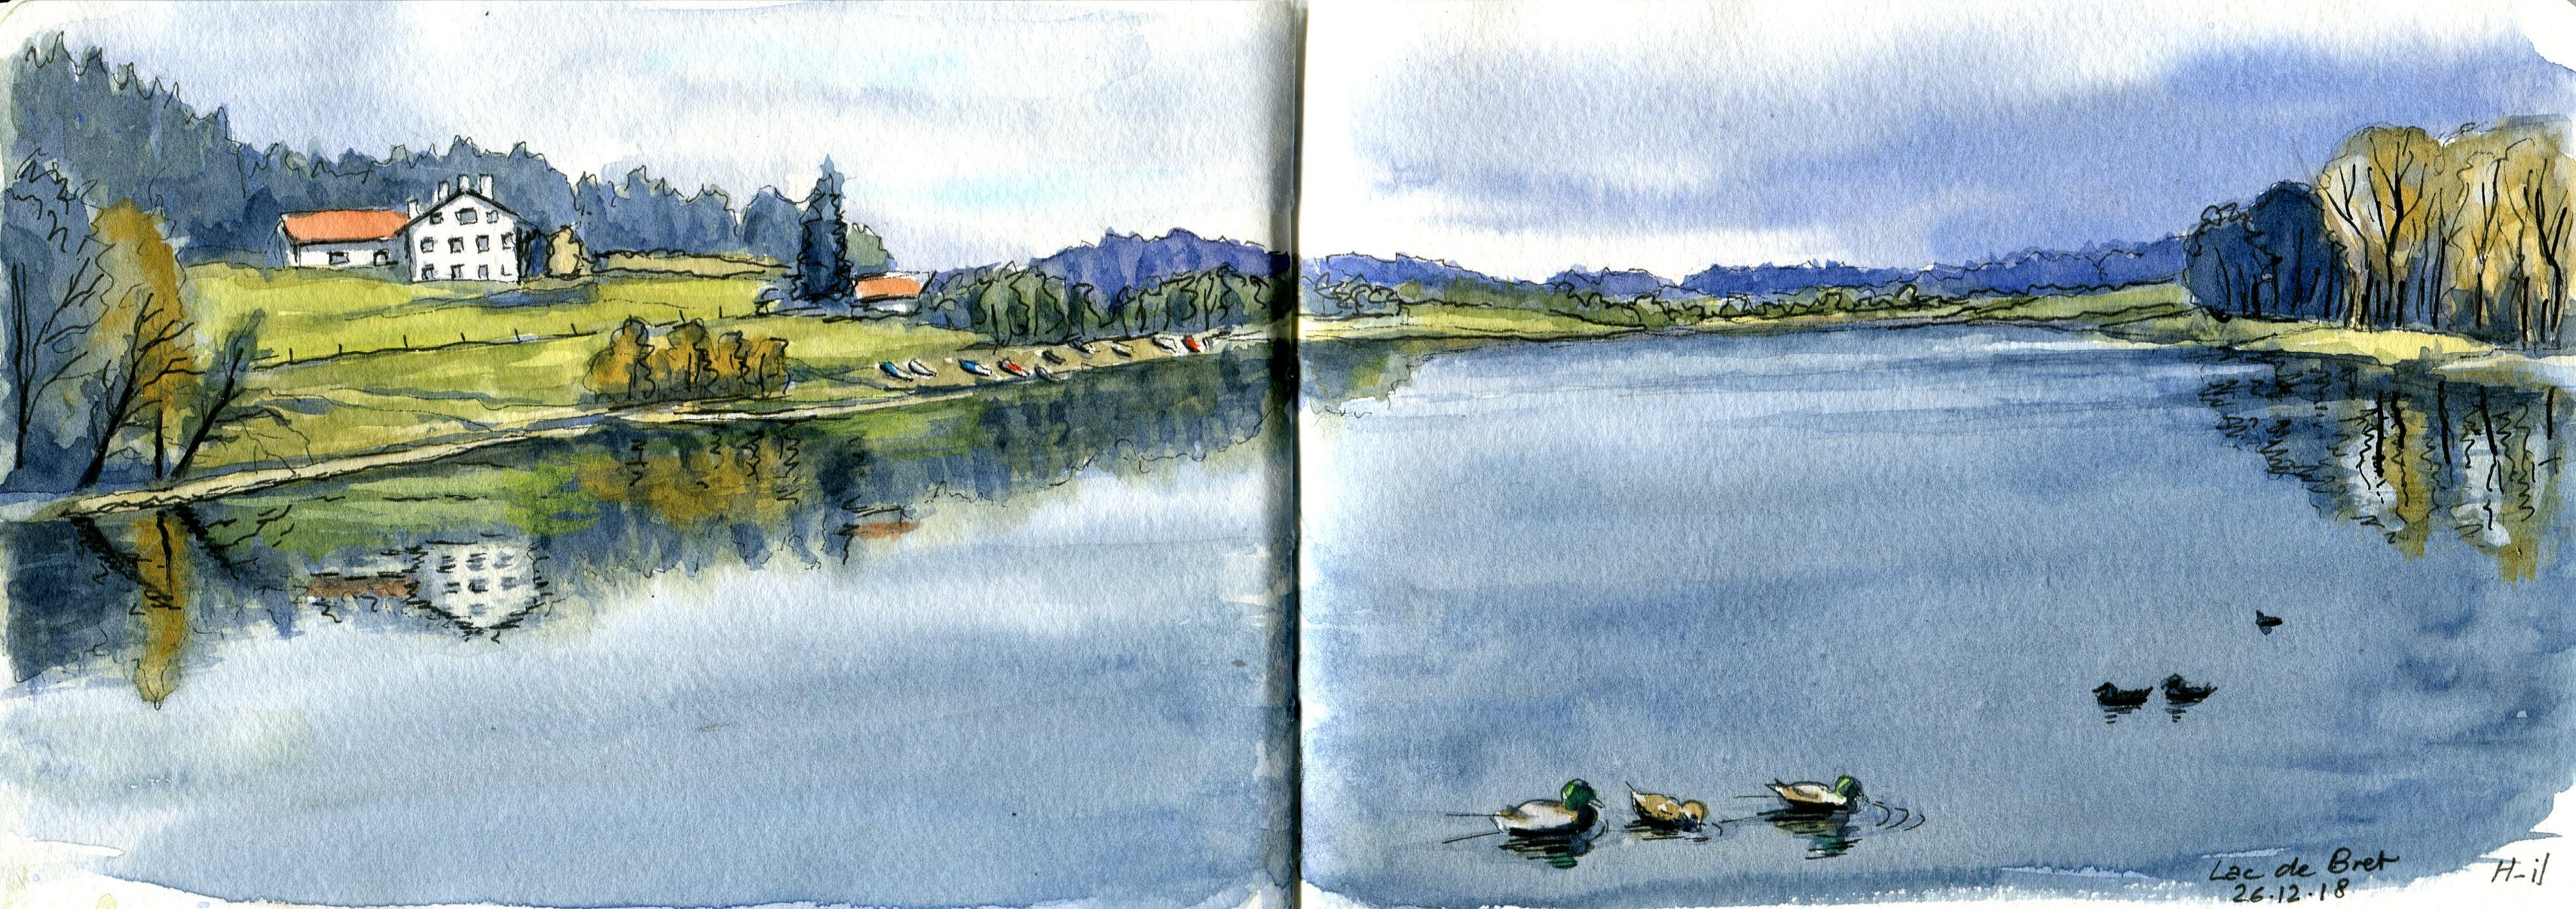 Lac de Bret et canards019